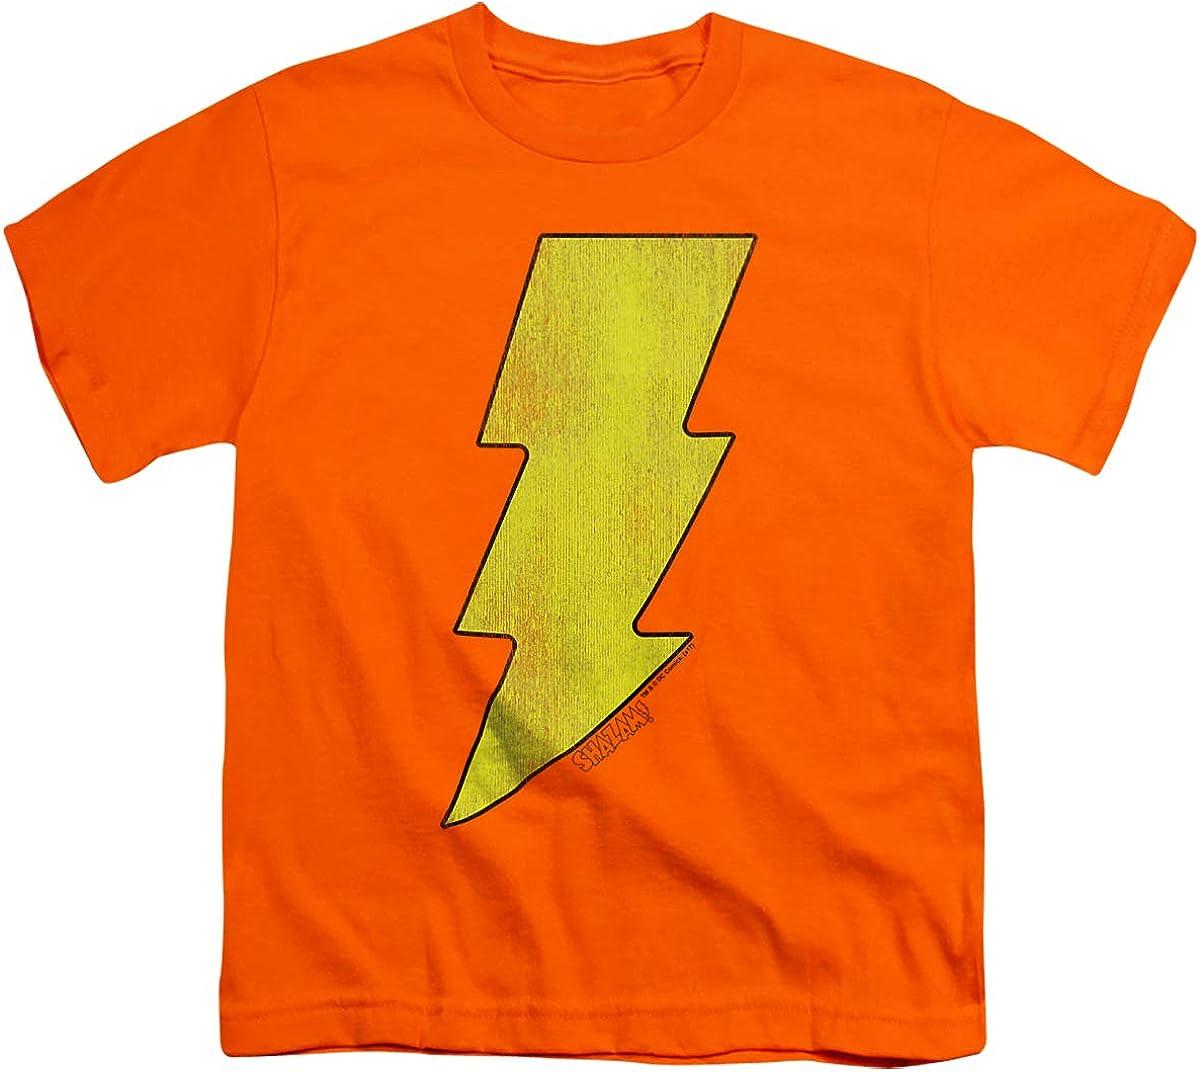 DC Shazam Logo Distressed Unisex Youth T Shirt, Orange, X-Large